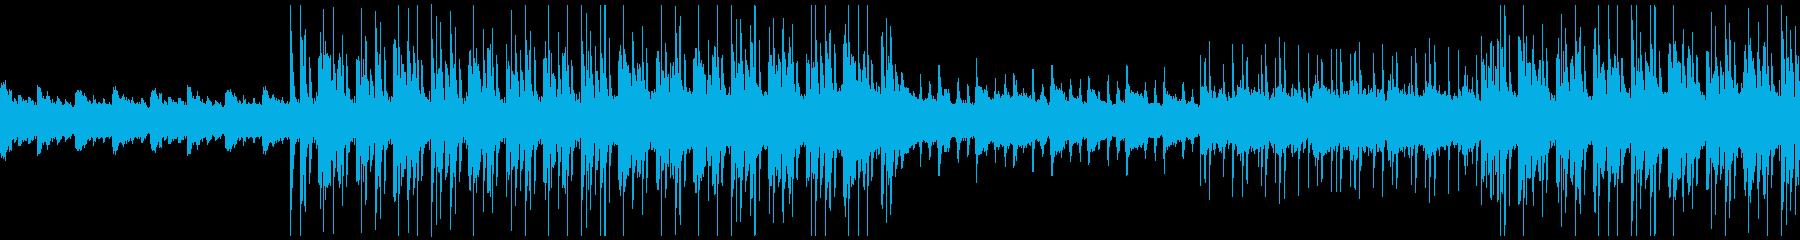 説明や紹介などに使える明るいループBGMの再生済みの波形